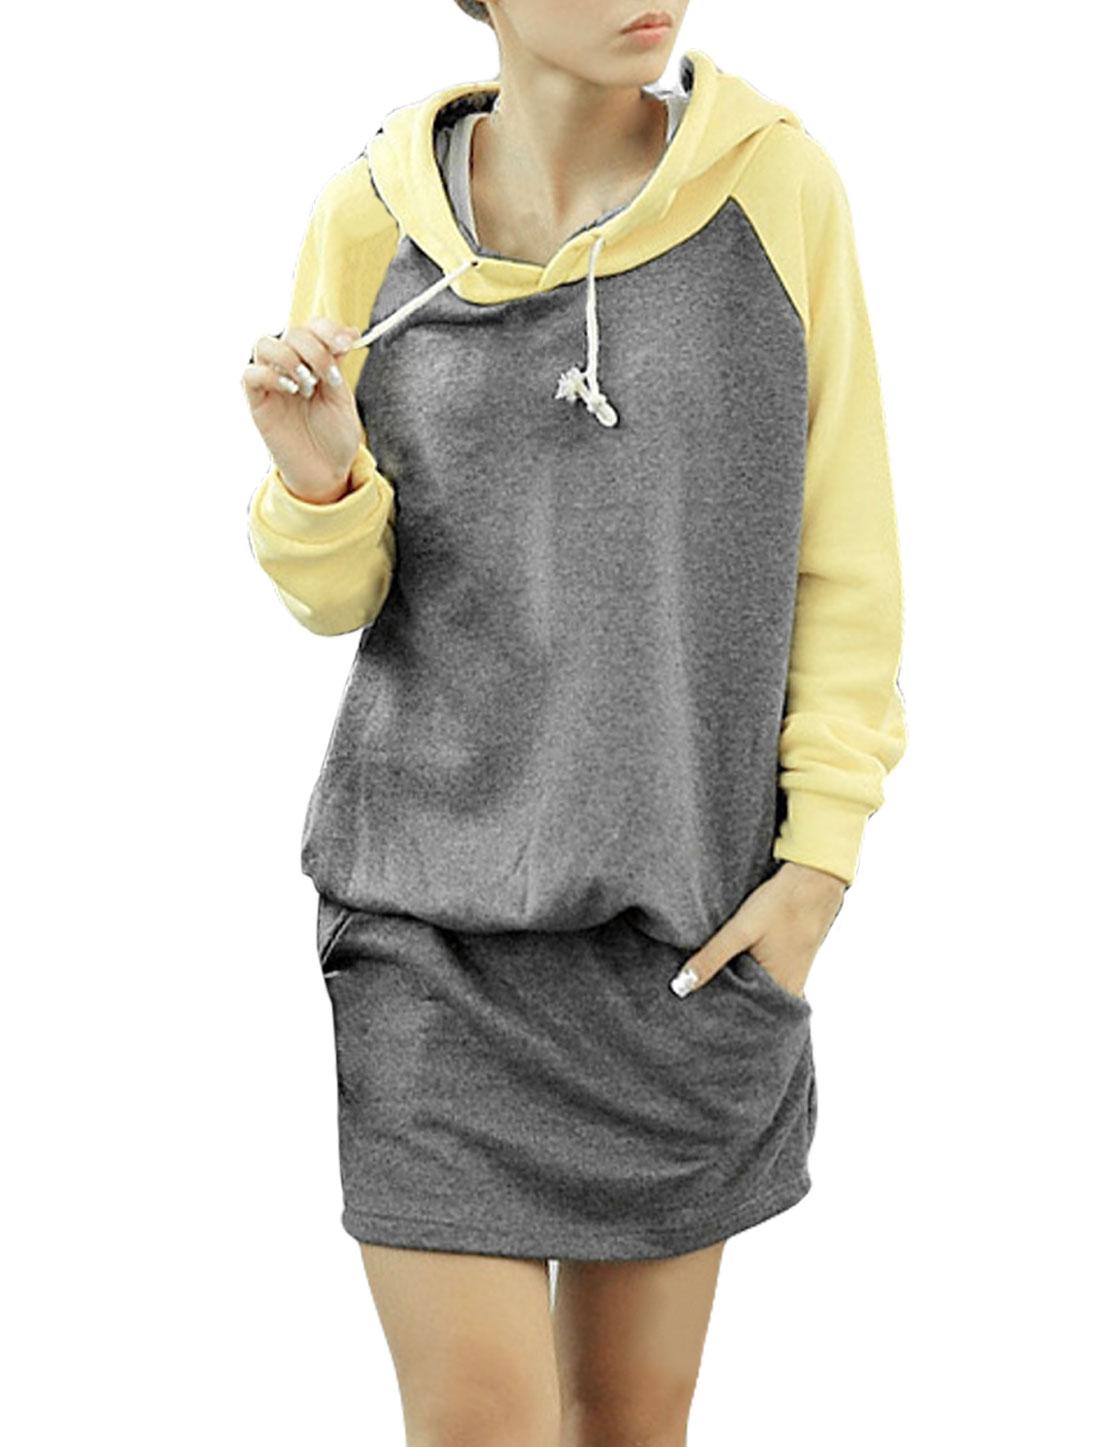 Ladies Long Sleeves Scoop Neck Elastic Waist Slant Pockets Hoody Gray Dress XS